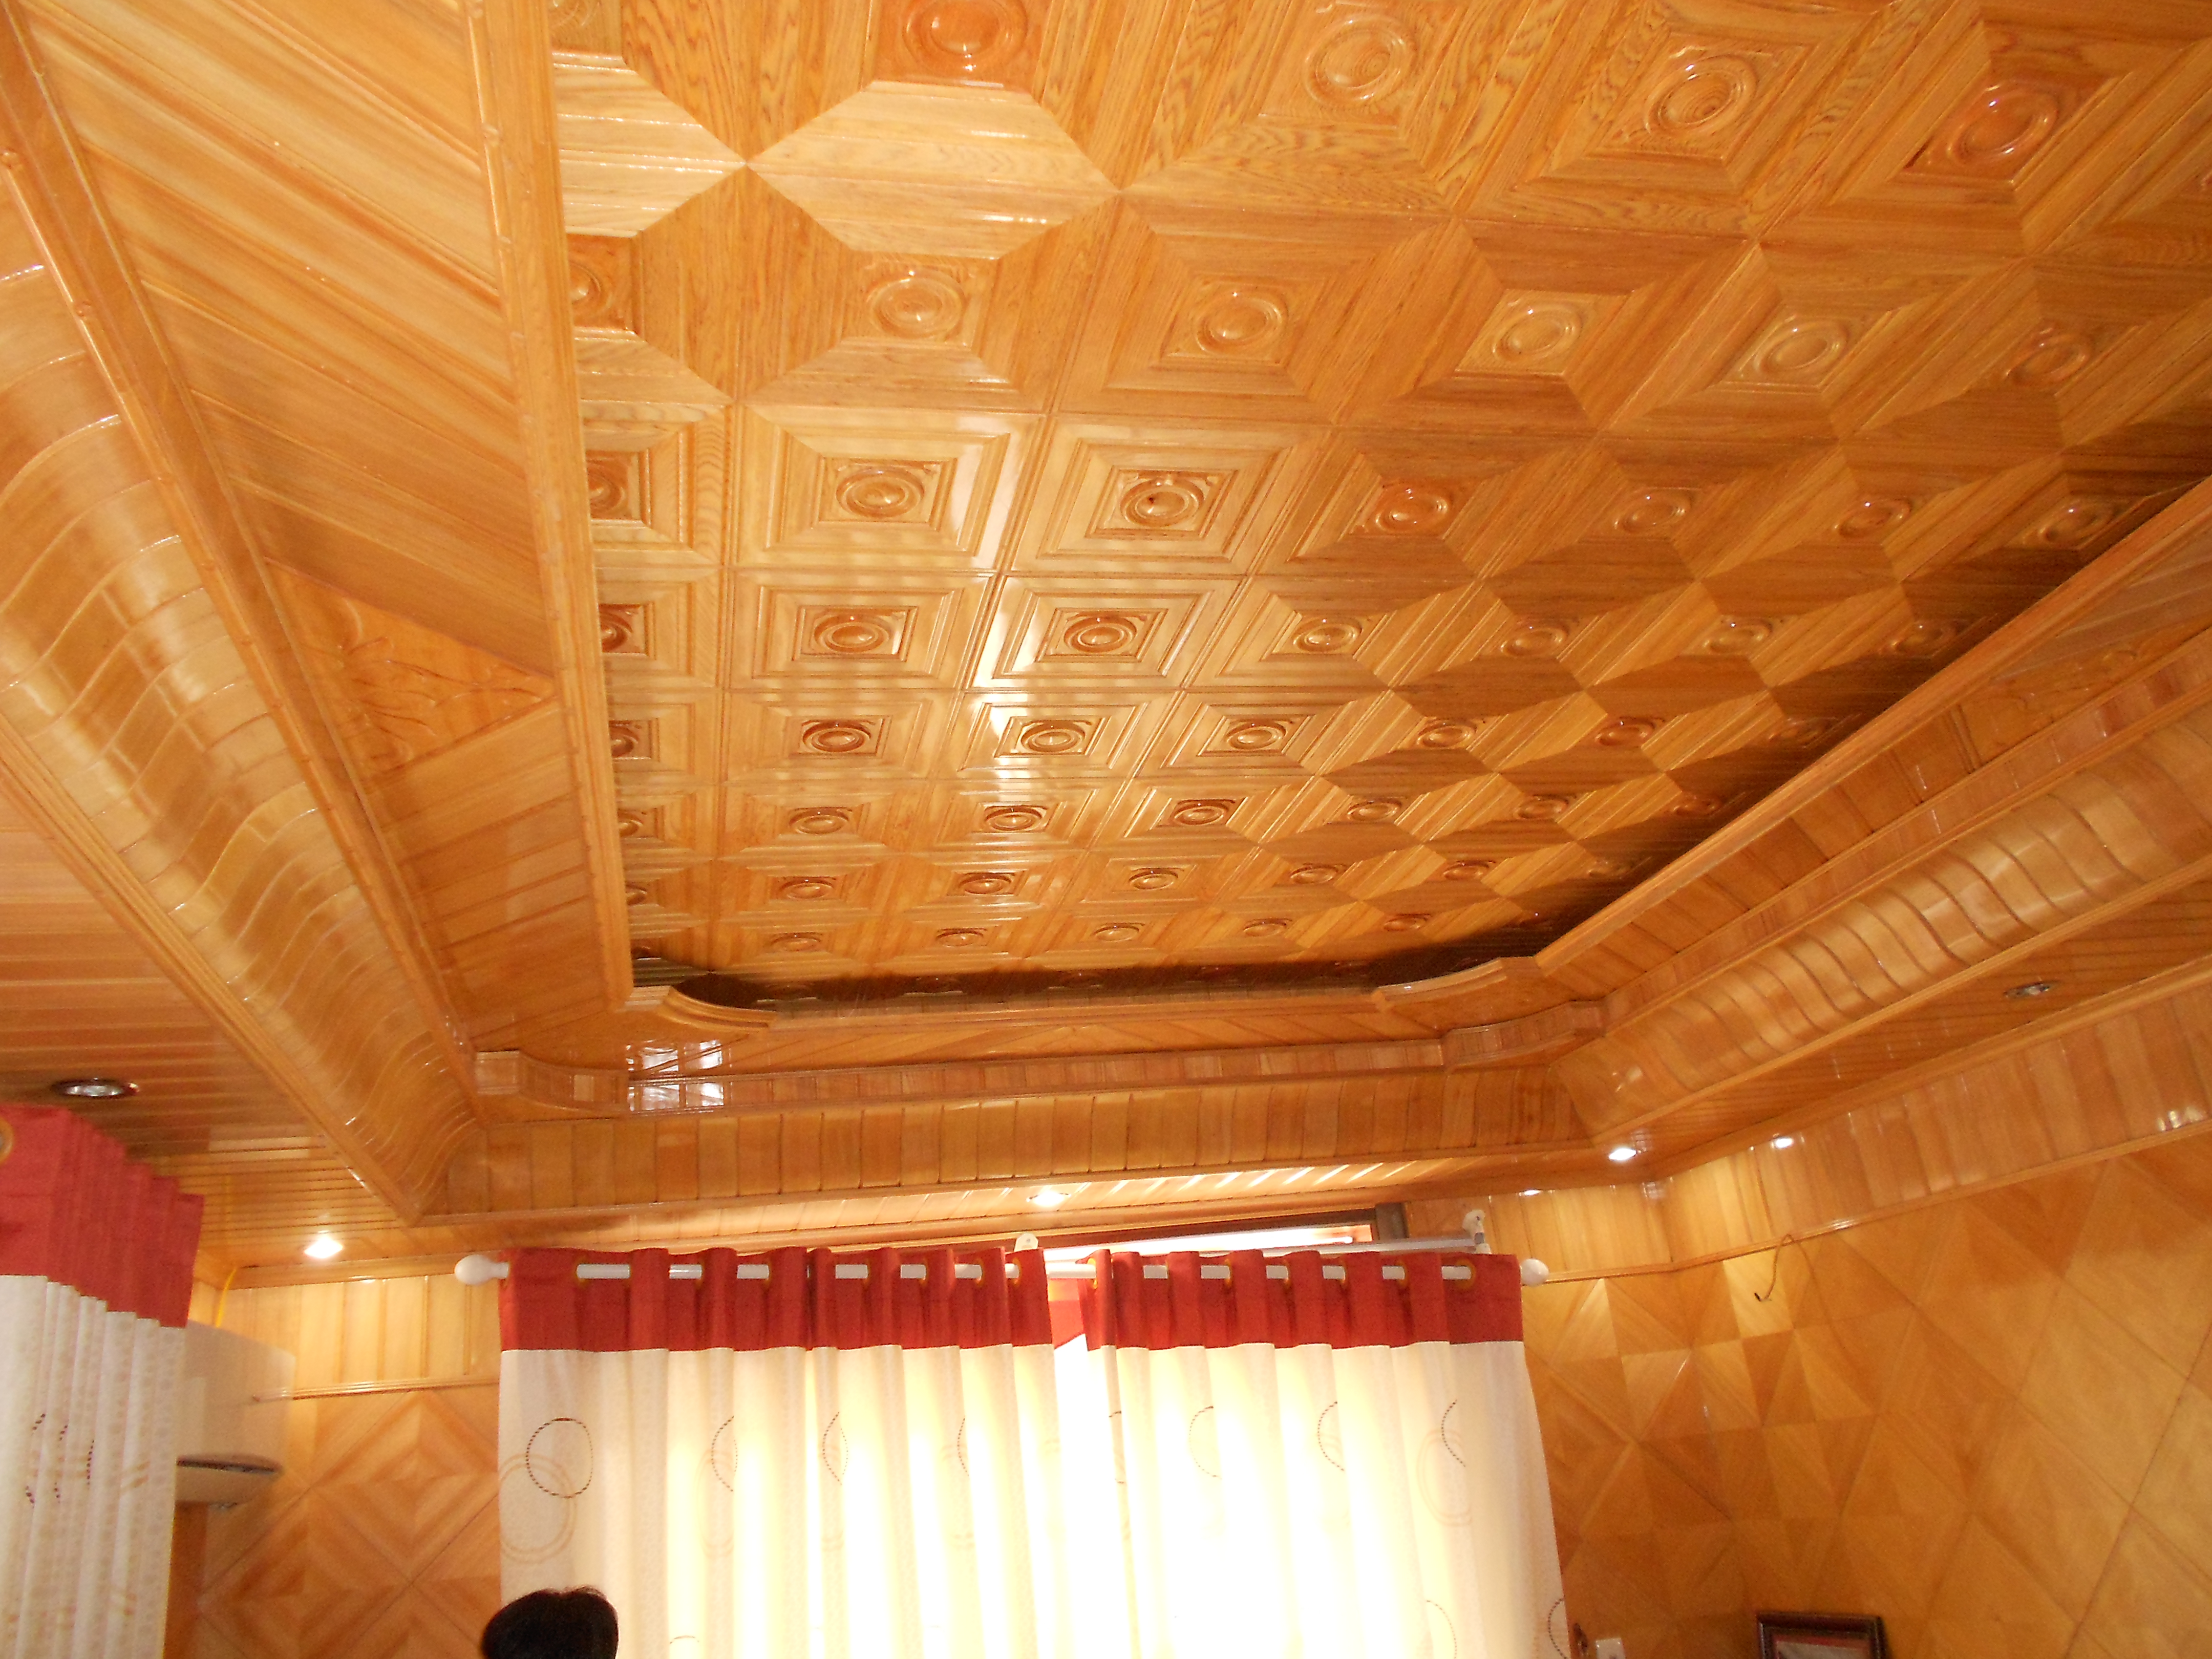 Quang Phú báo giá ốp trần gỗ tự nhiên vô cùng hấp dẫn